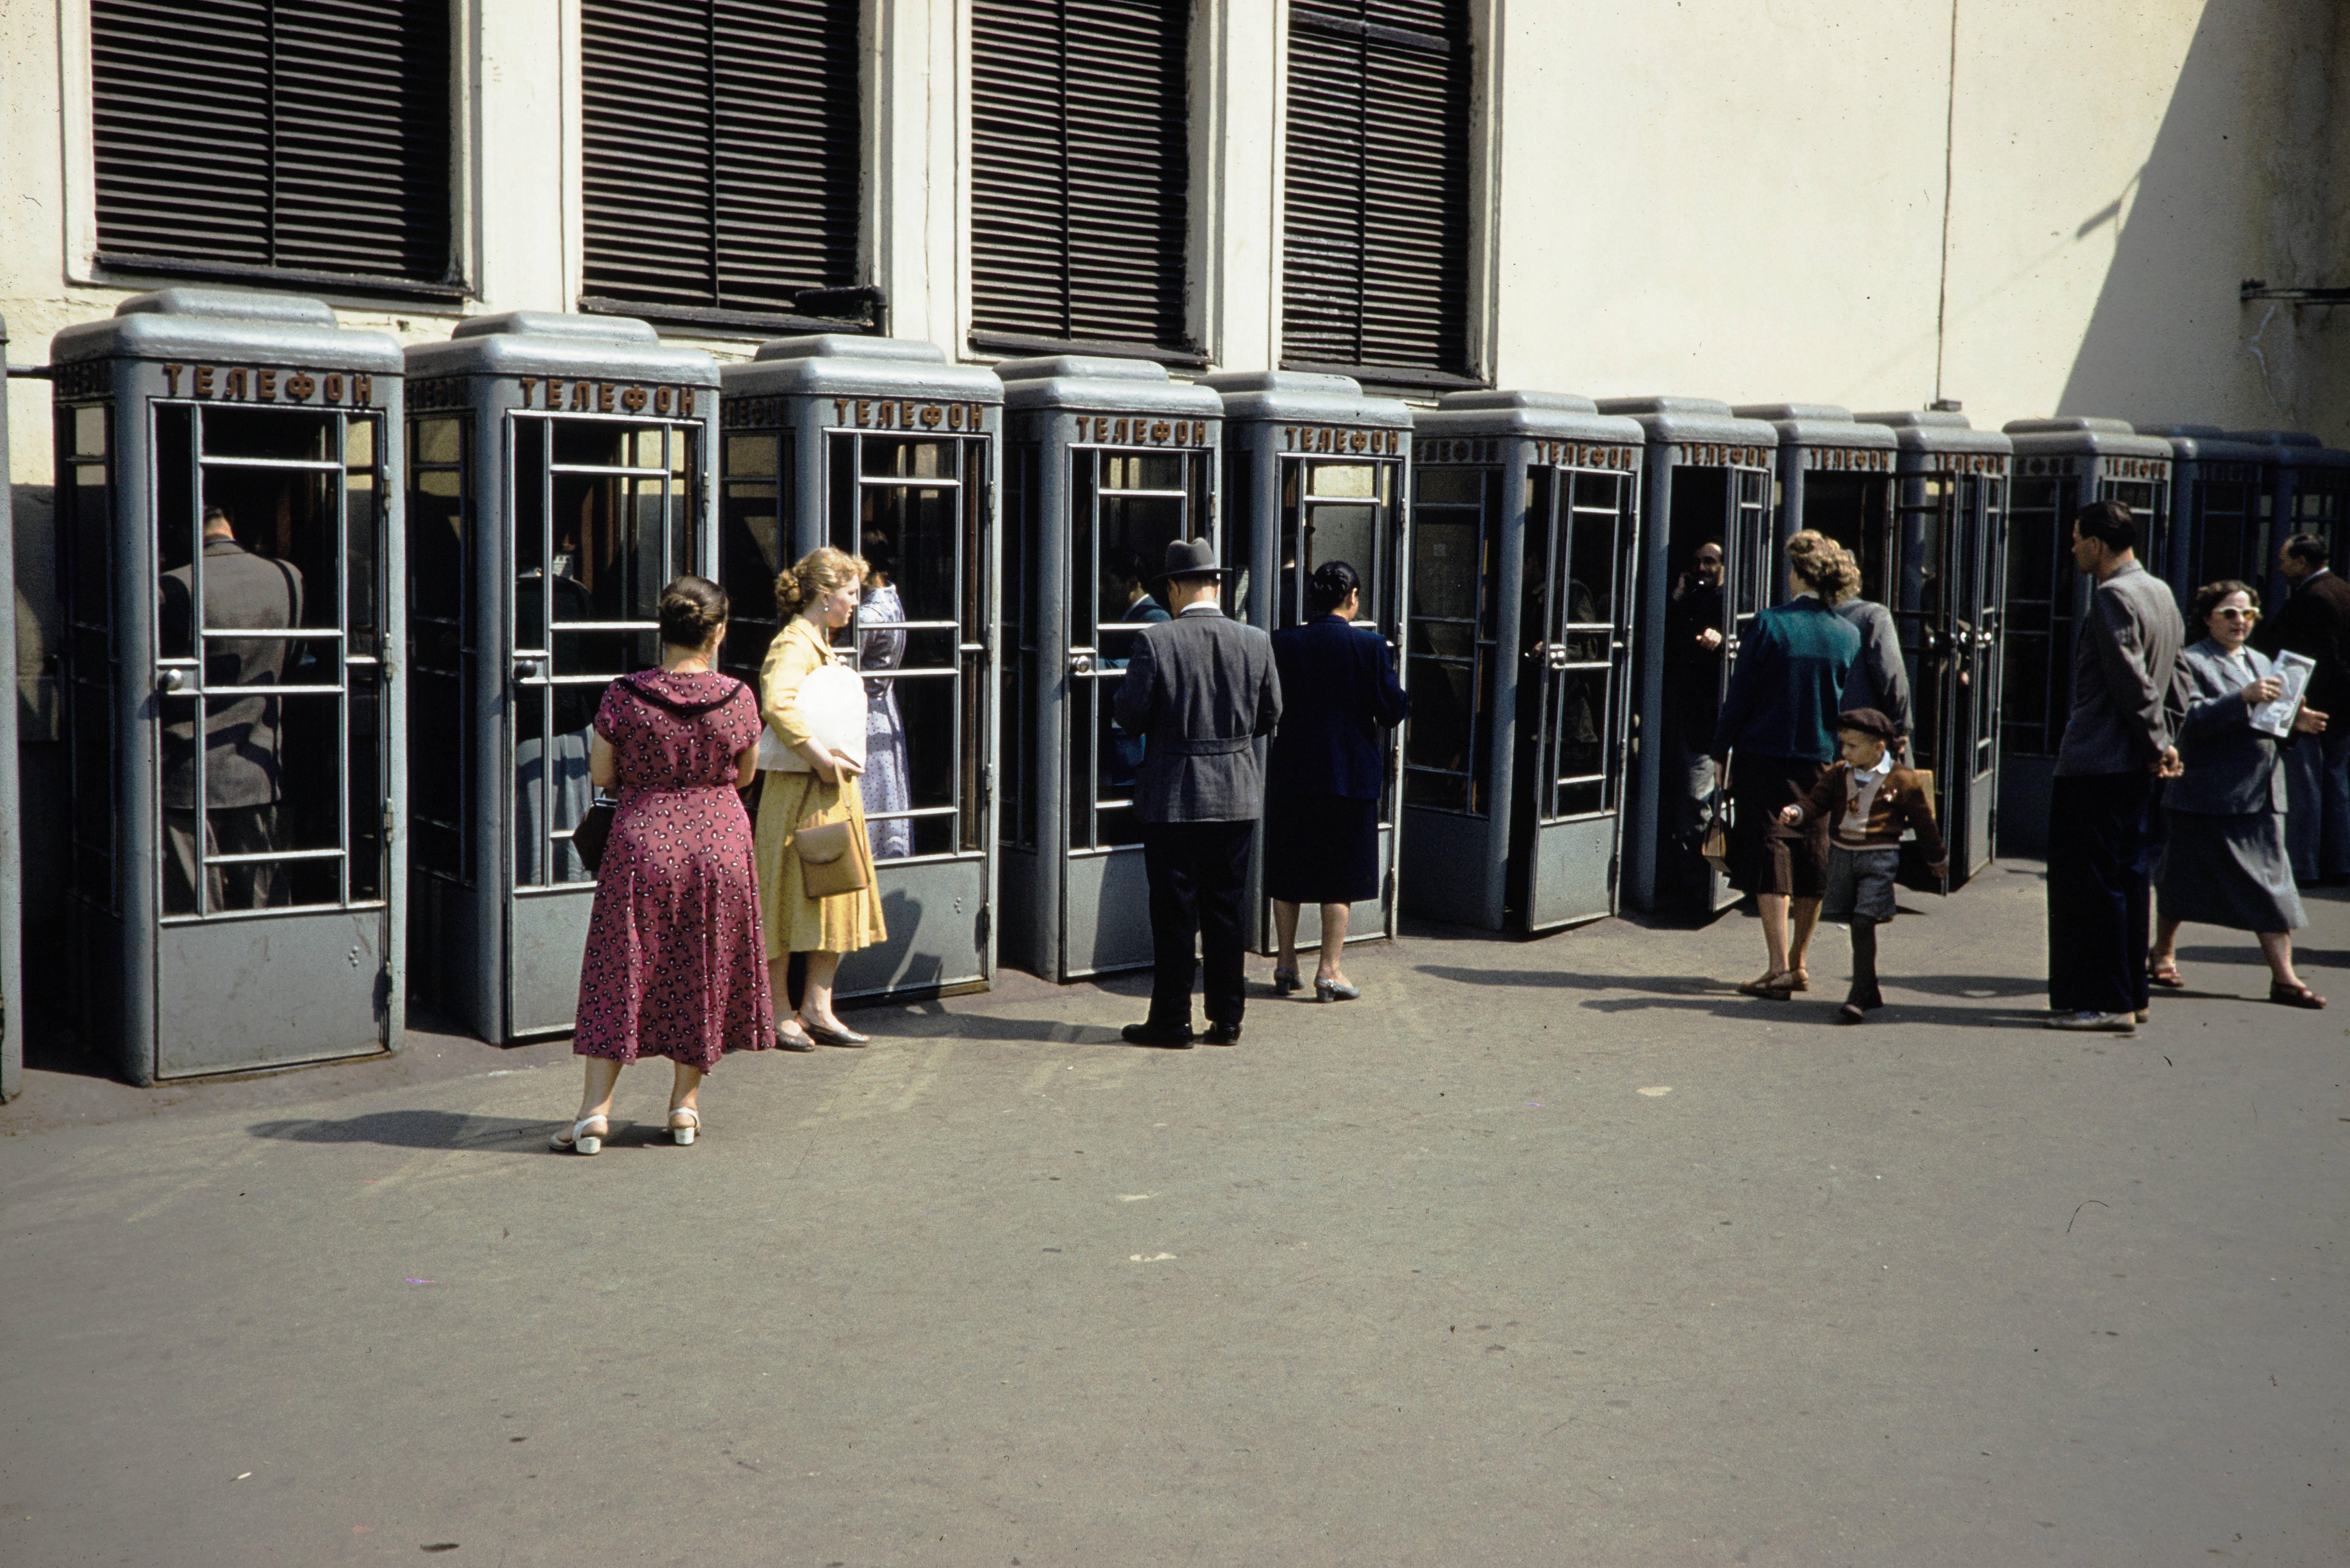 Площадь Революции. Телефонные автоматы возле метро